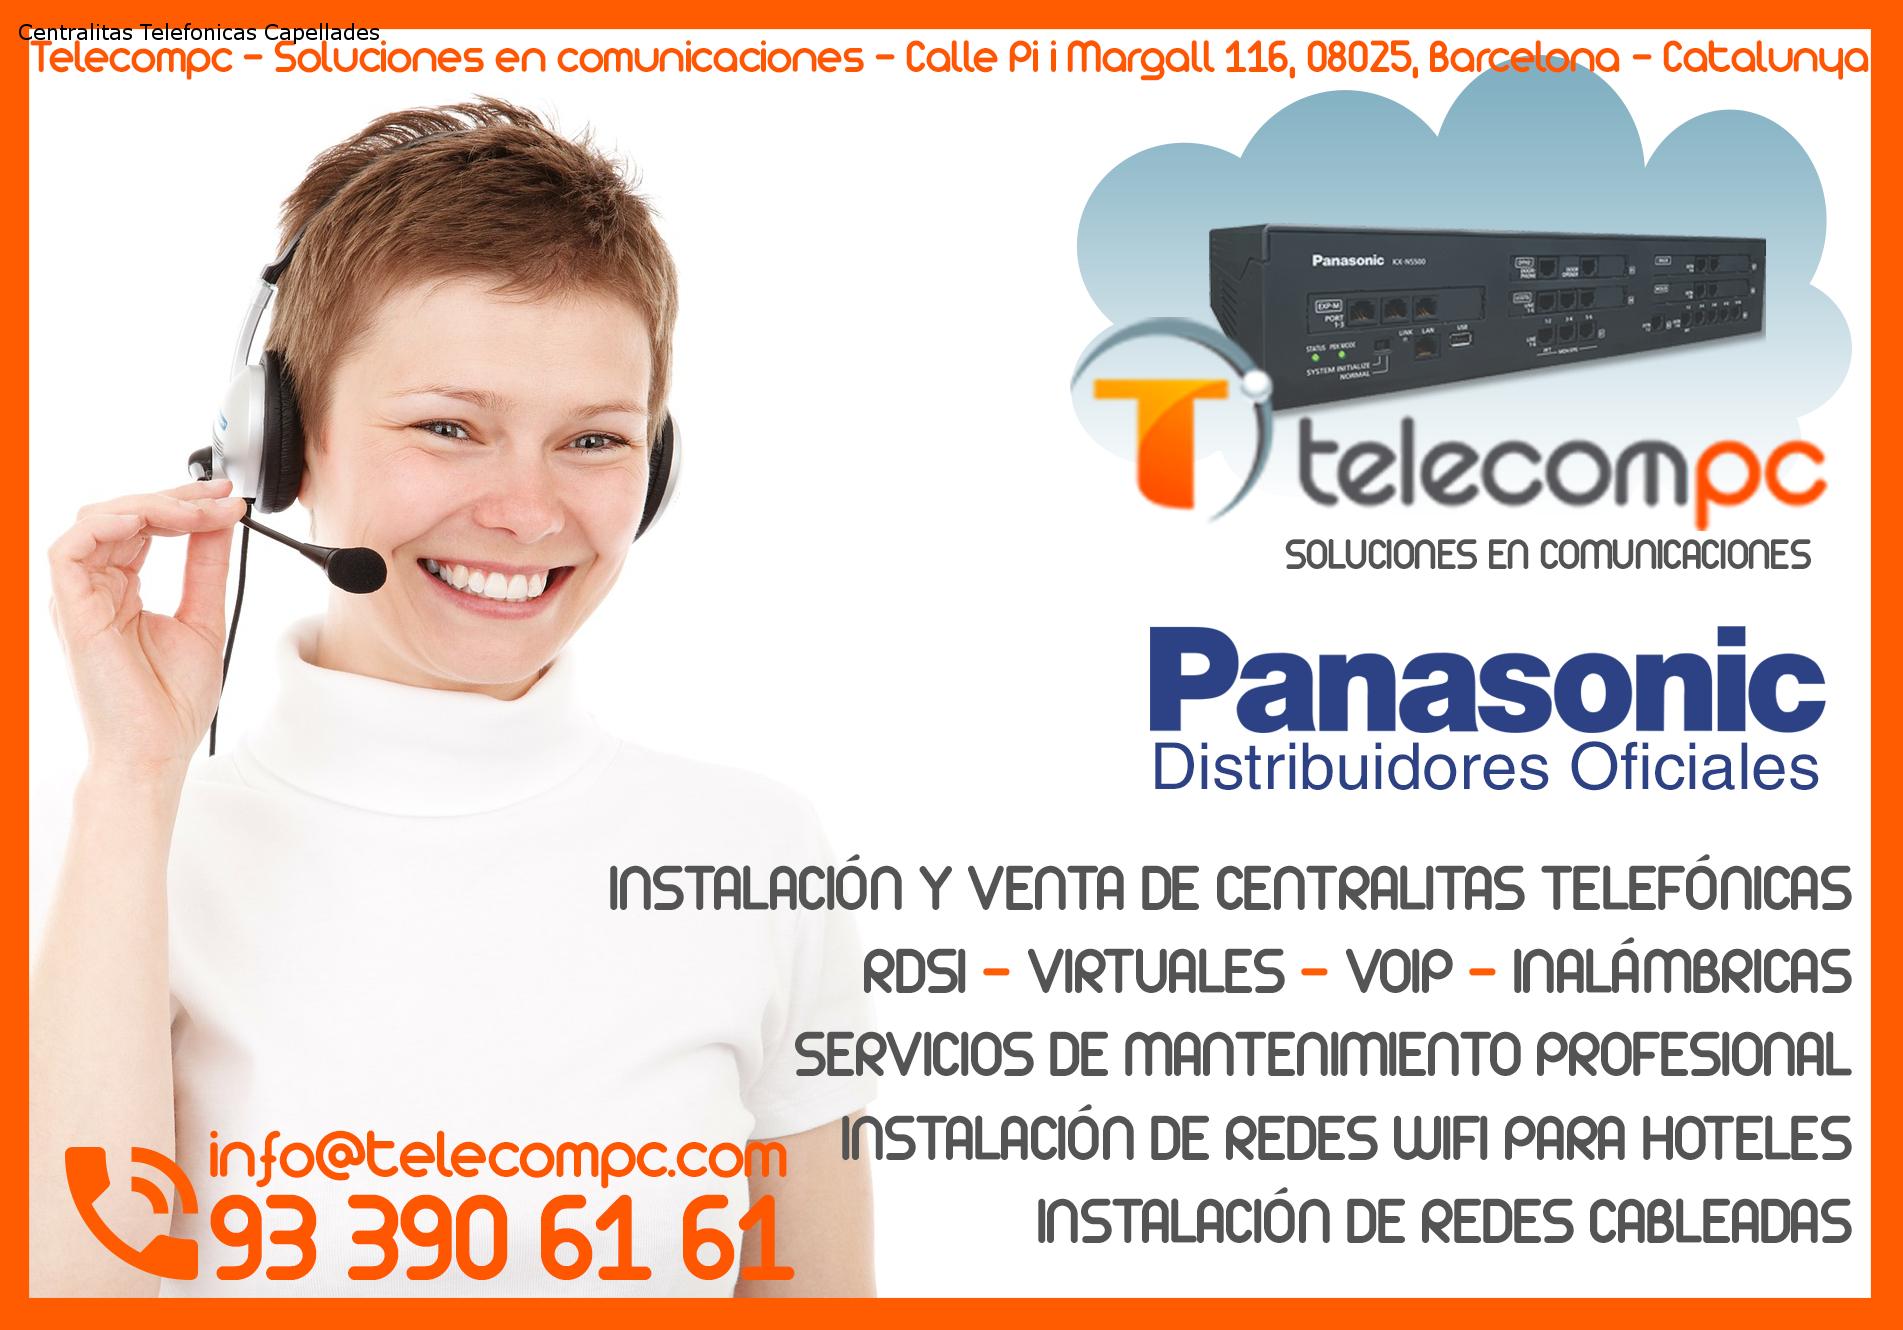 Centralitas Telefonicas Capellades